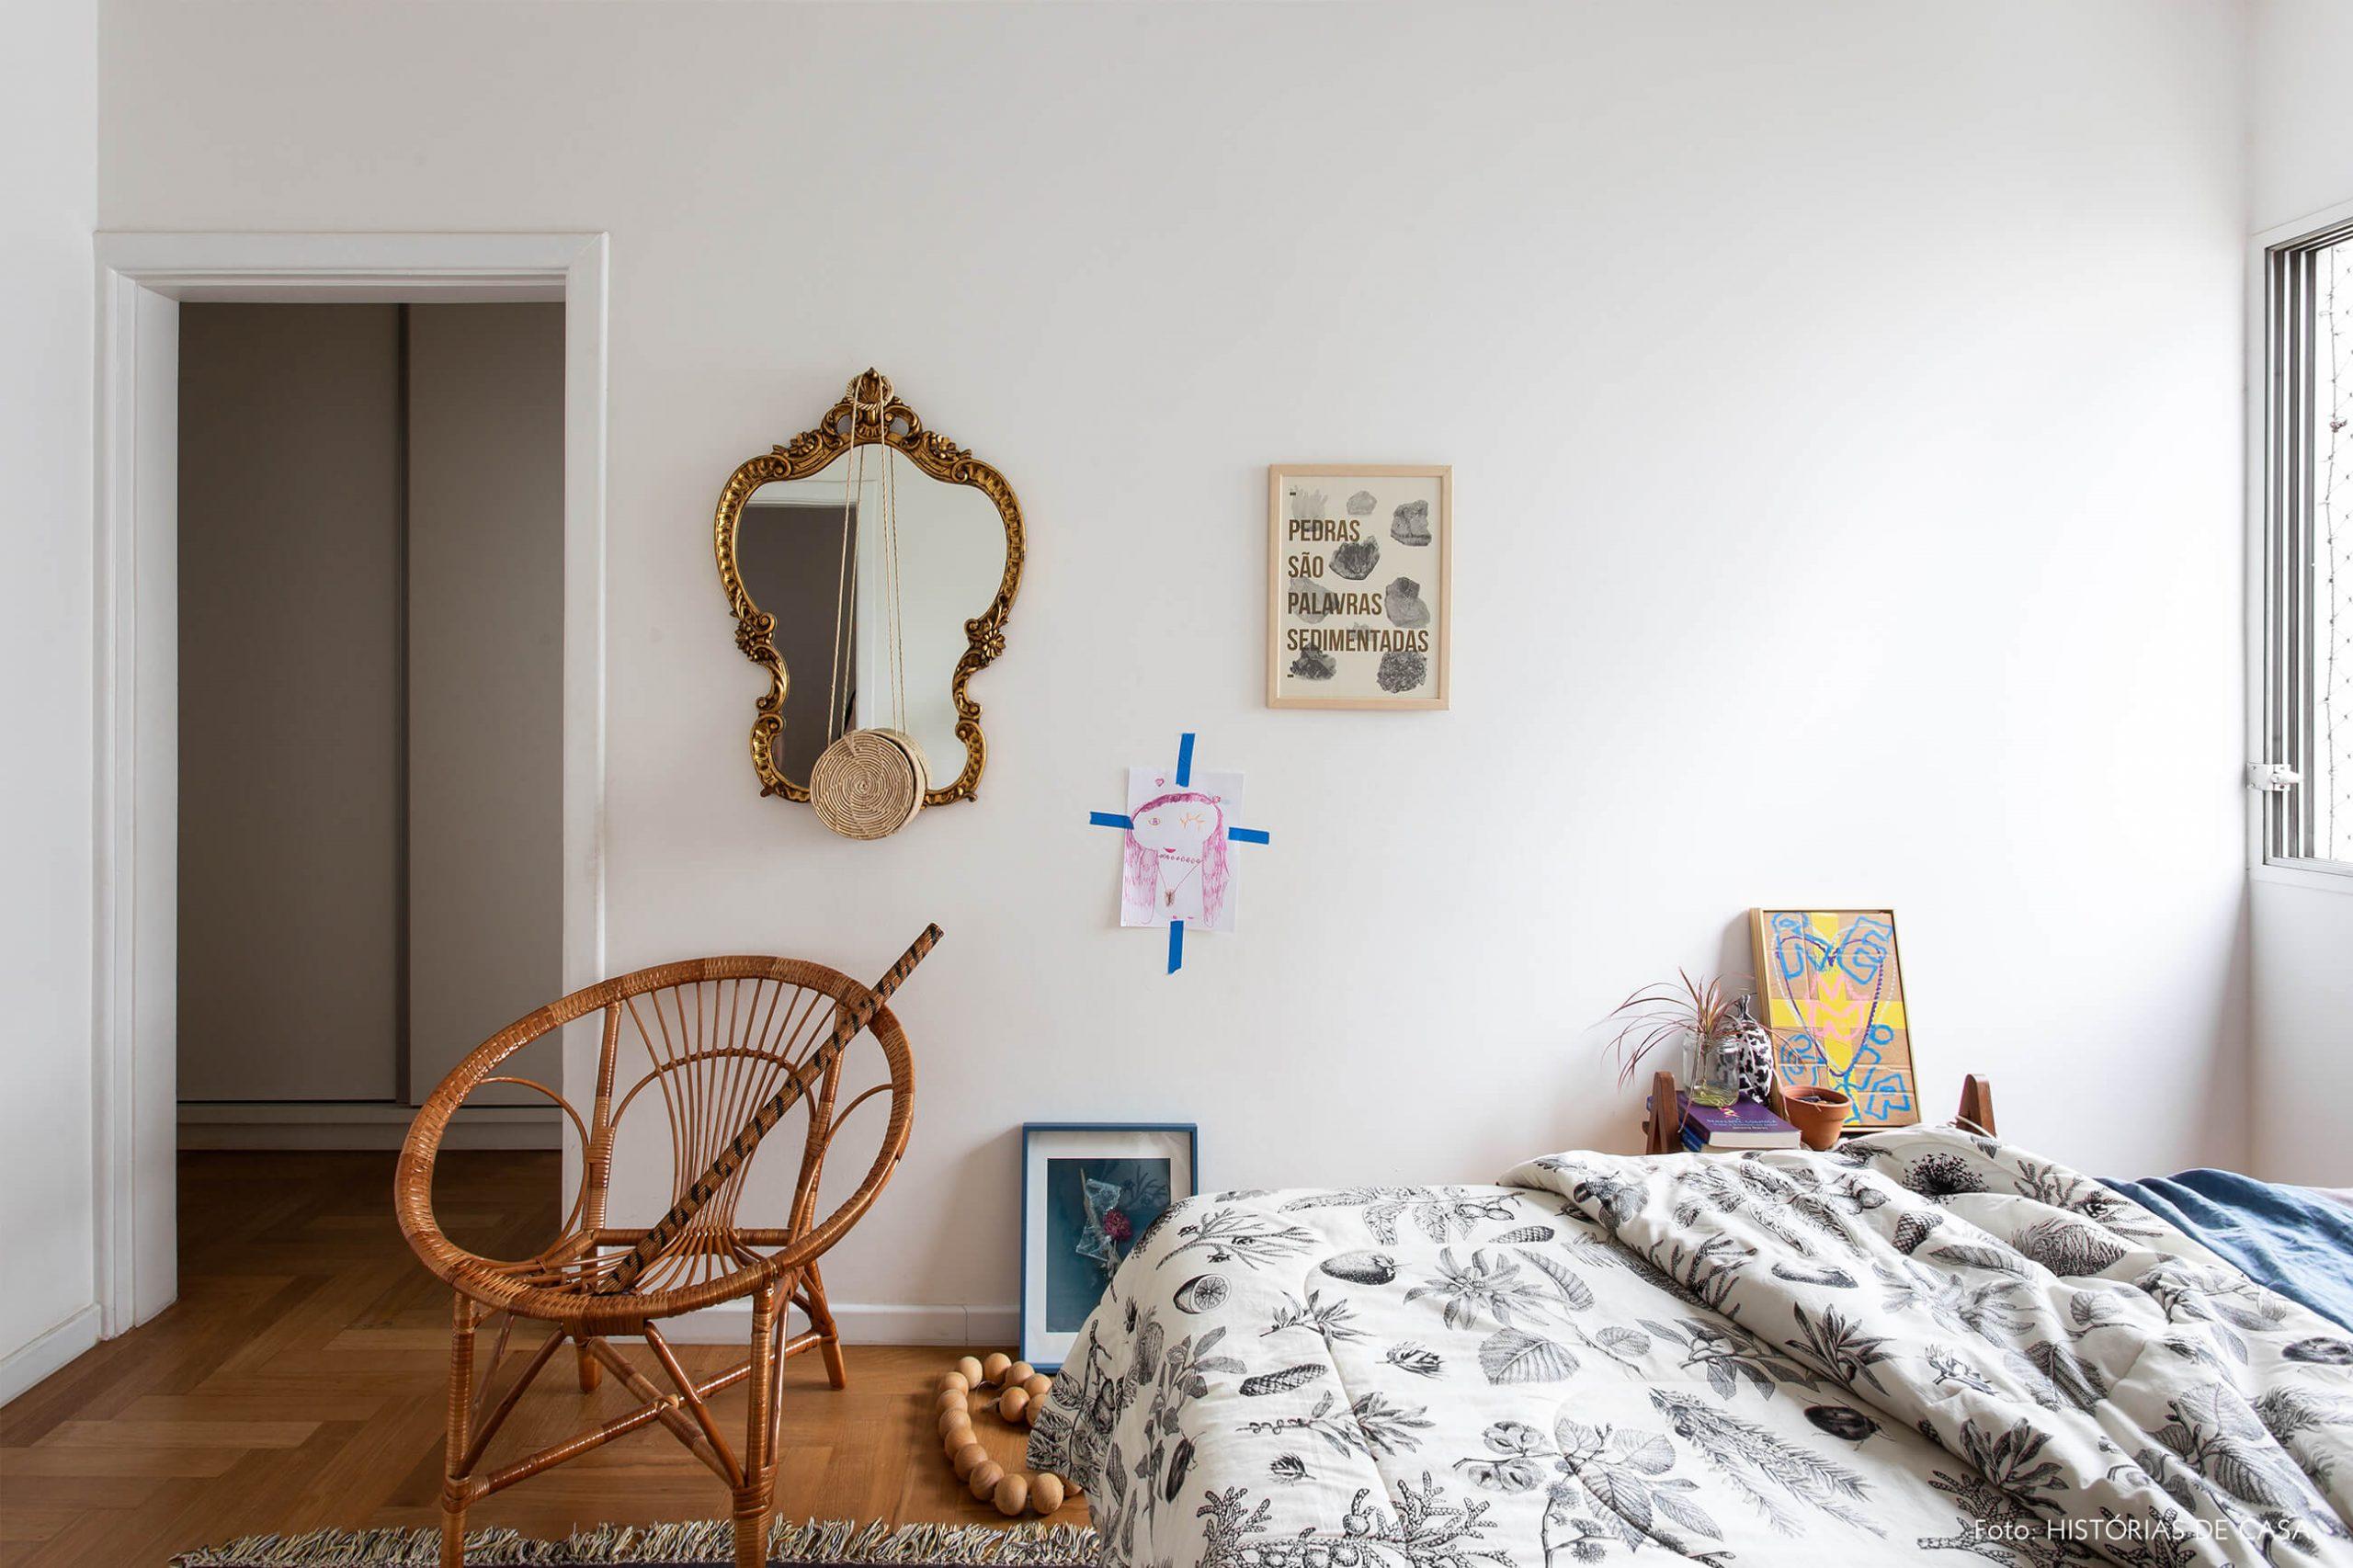 decoração quarto com espelho de moldura dourada e poltrona de madeira